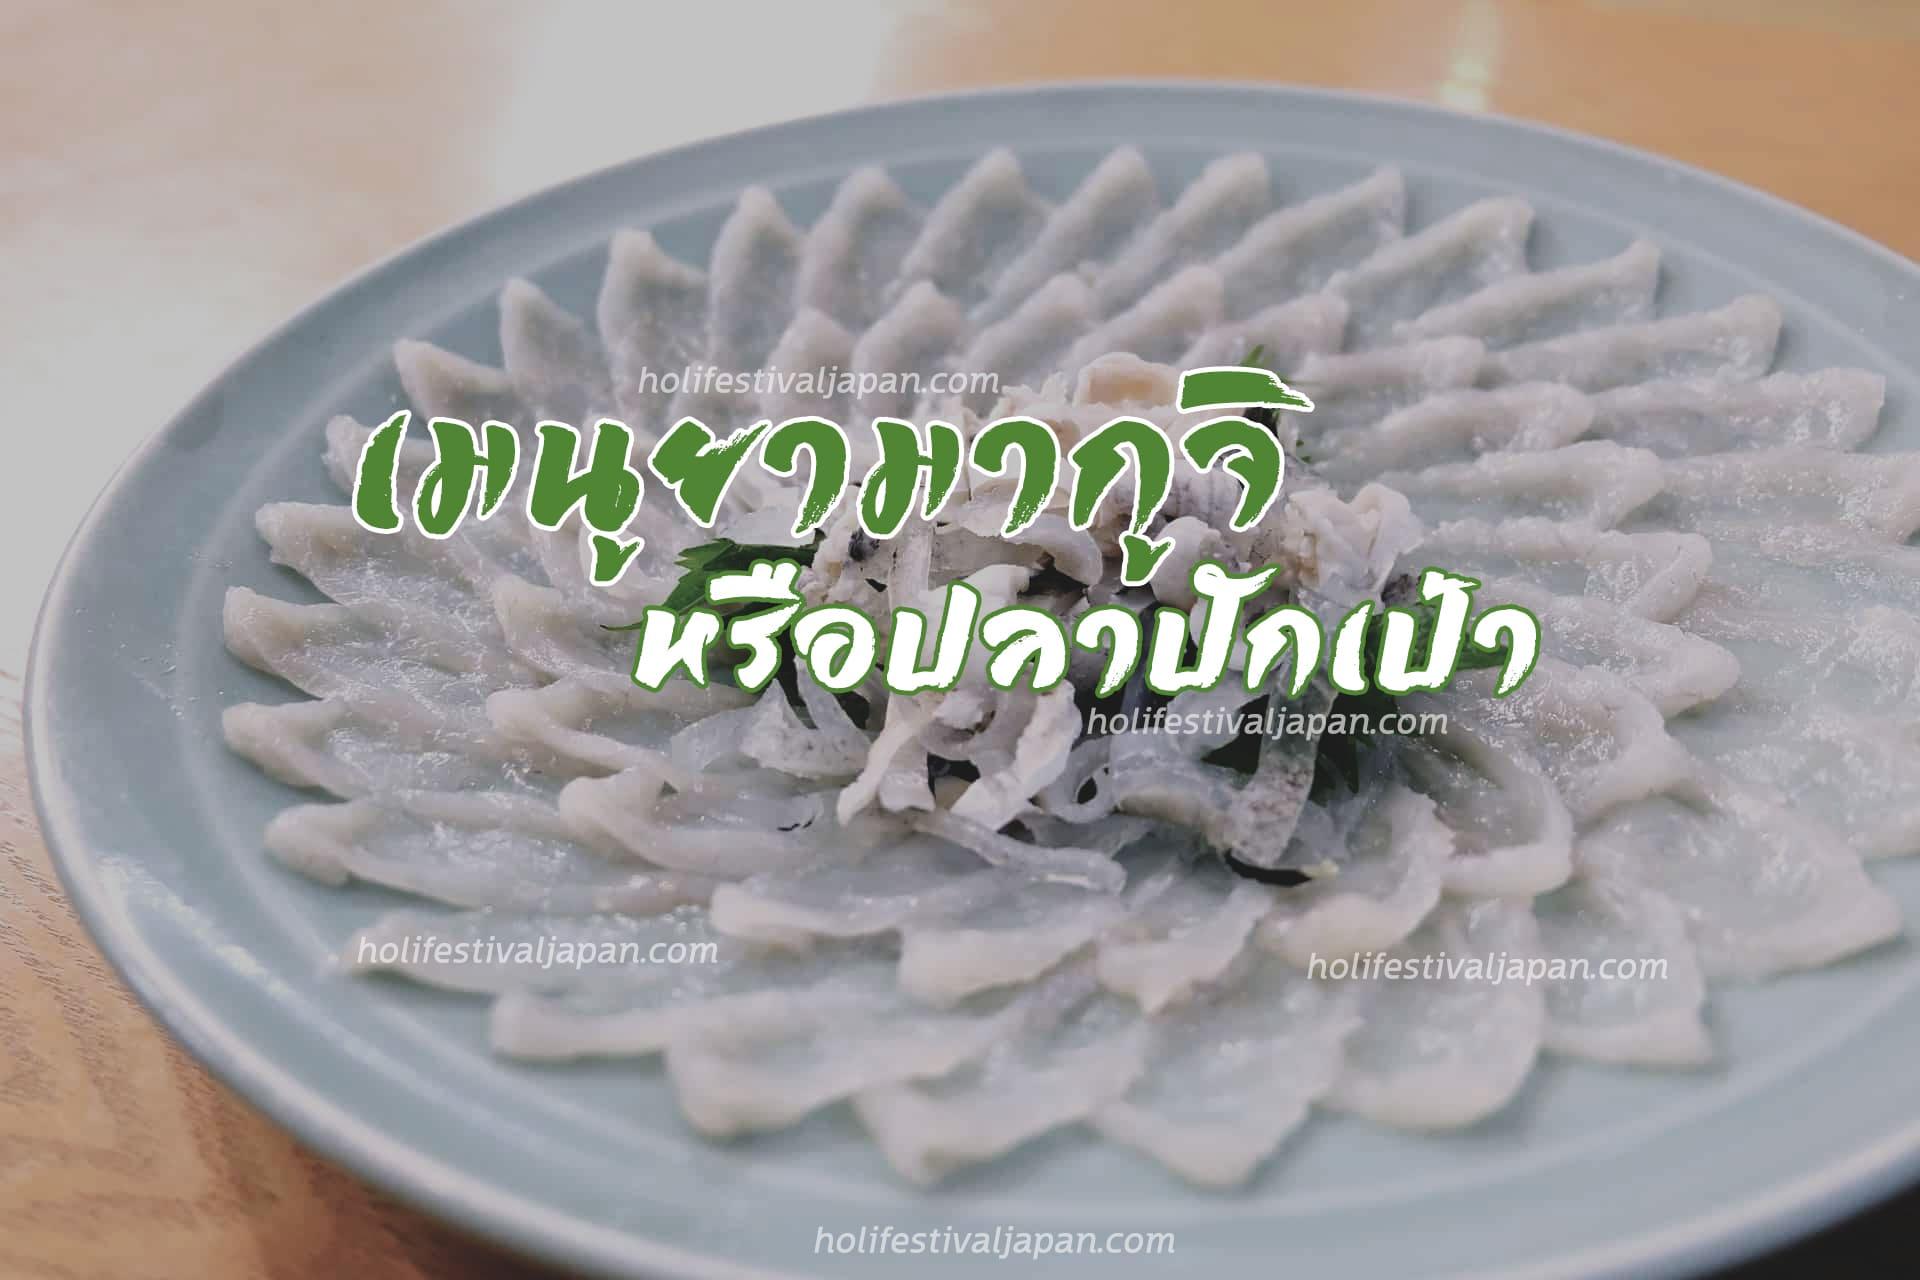 เมนูยามากูจิหรือปลาปักเป้า